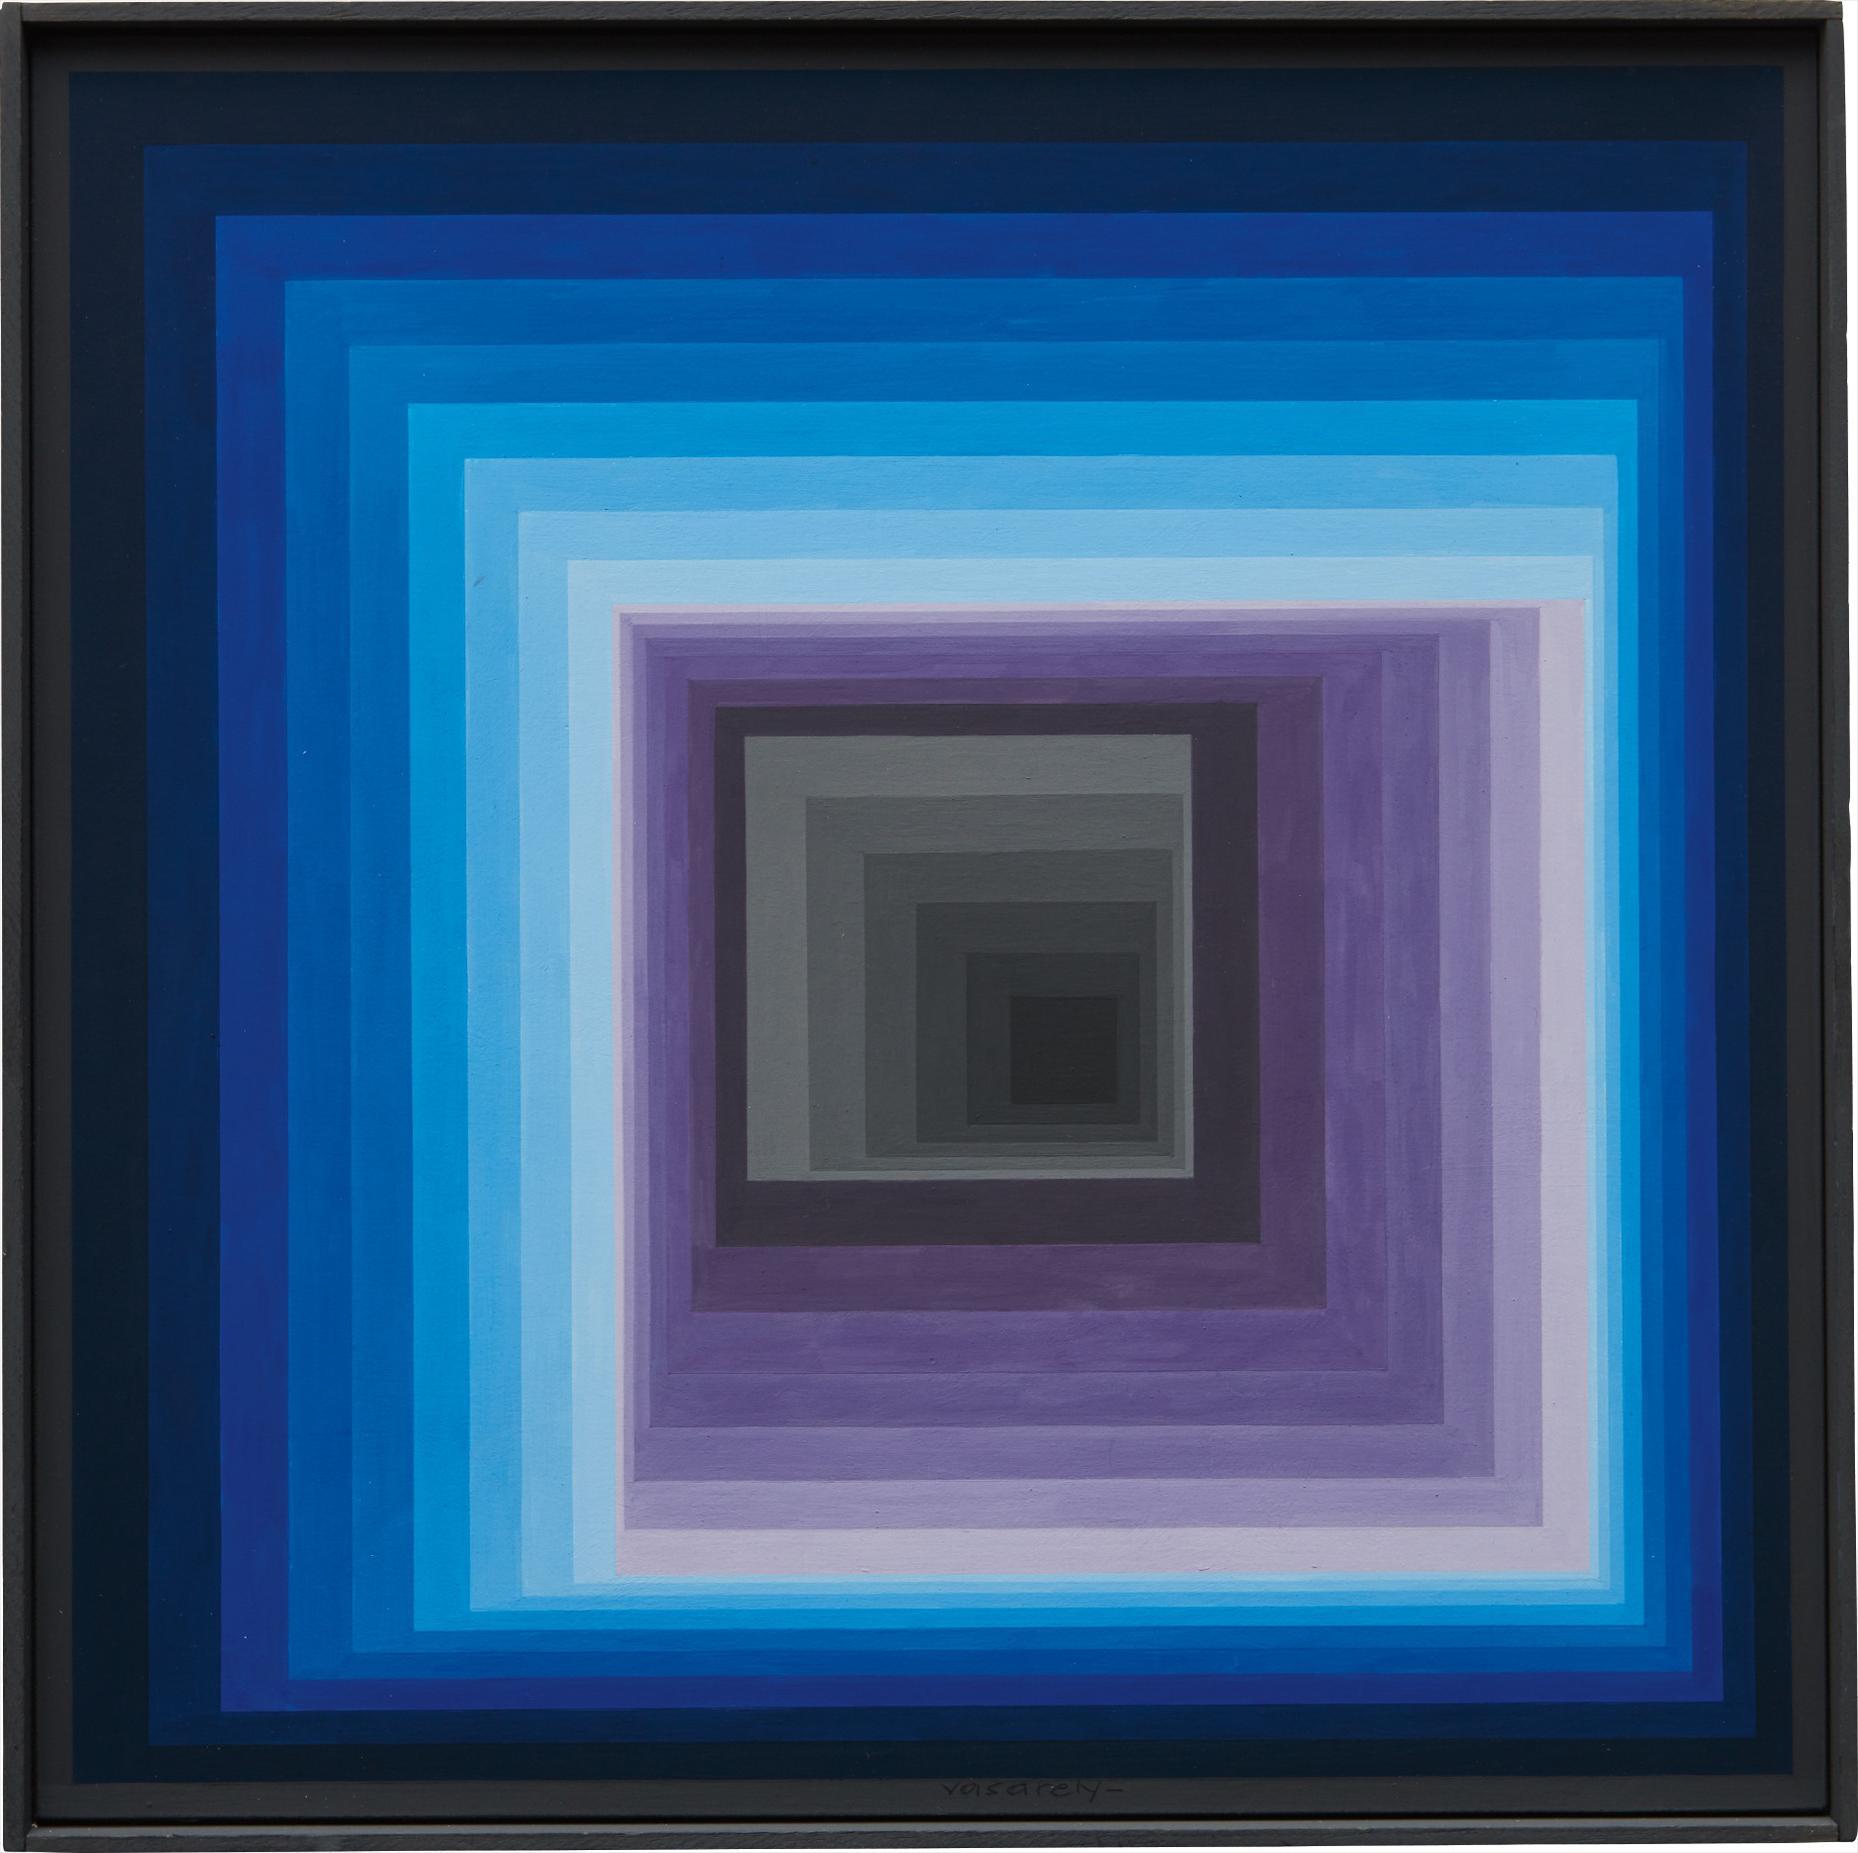 Victor Vasarely-Reytey, No. 0772-1968